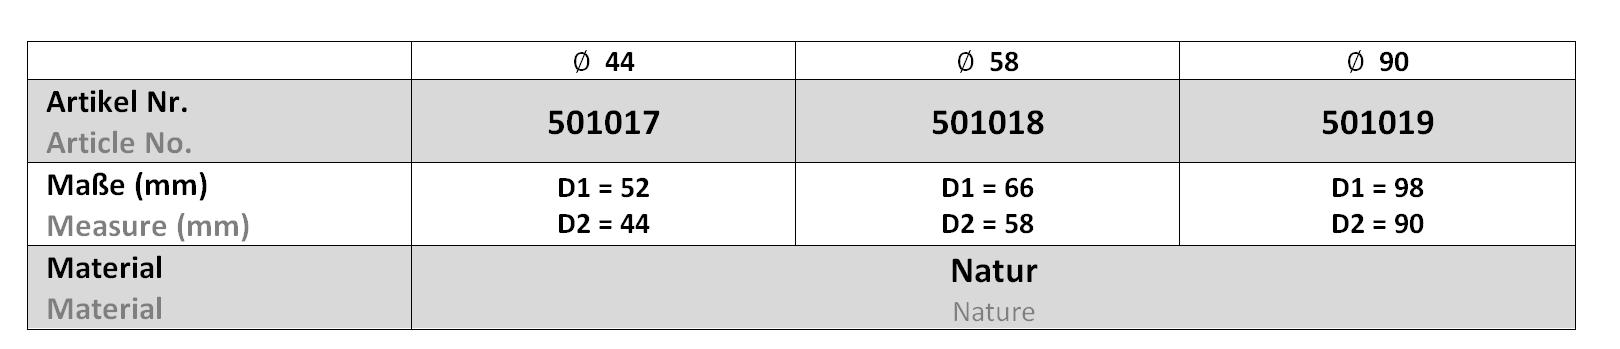 Dämpfungsring D44-D90 - Tabelle